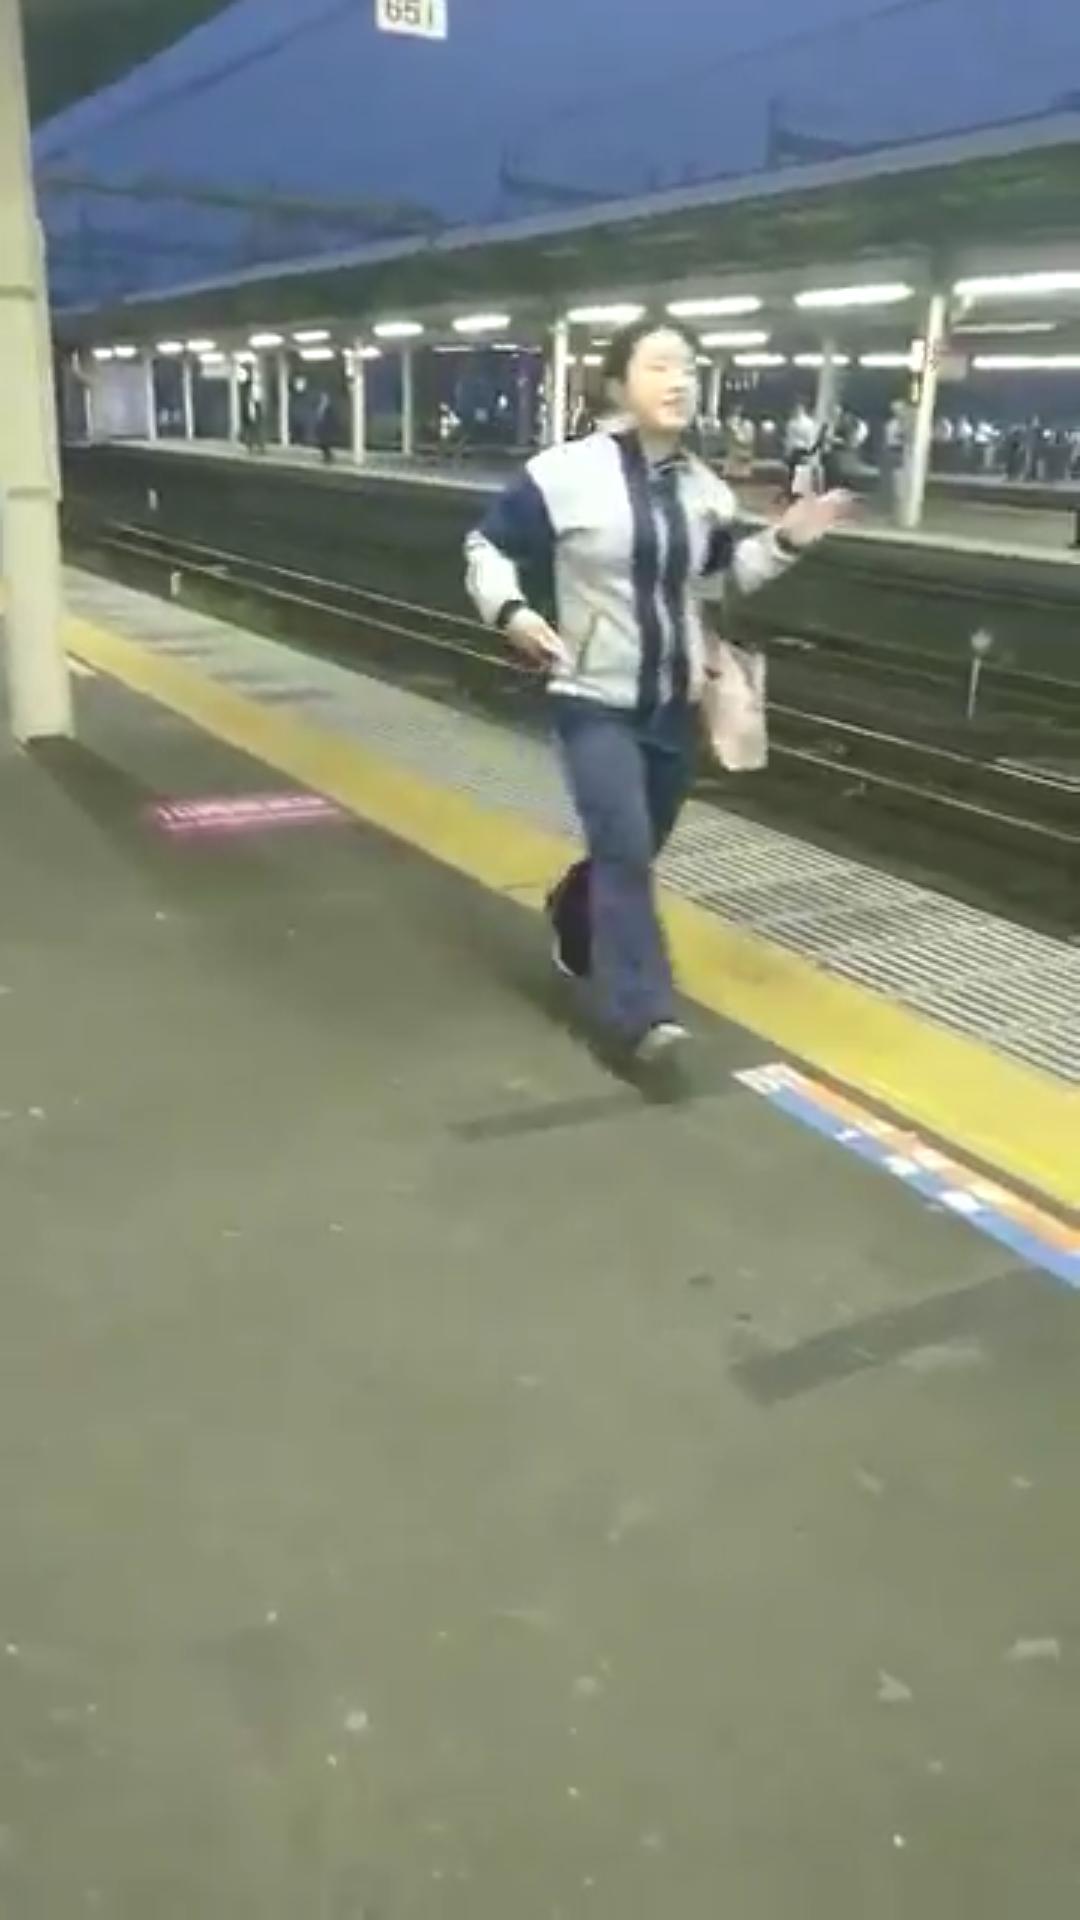 【動画】女「電車の中にわすれものしちゃった!!!」非常停止ボタンポチーのサムネイル画像